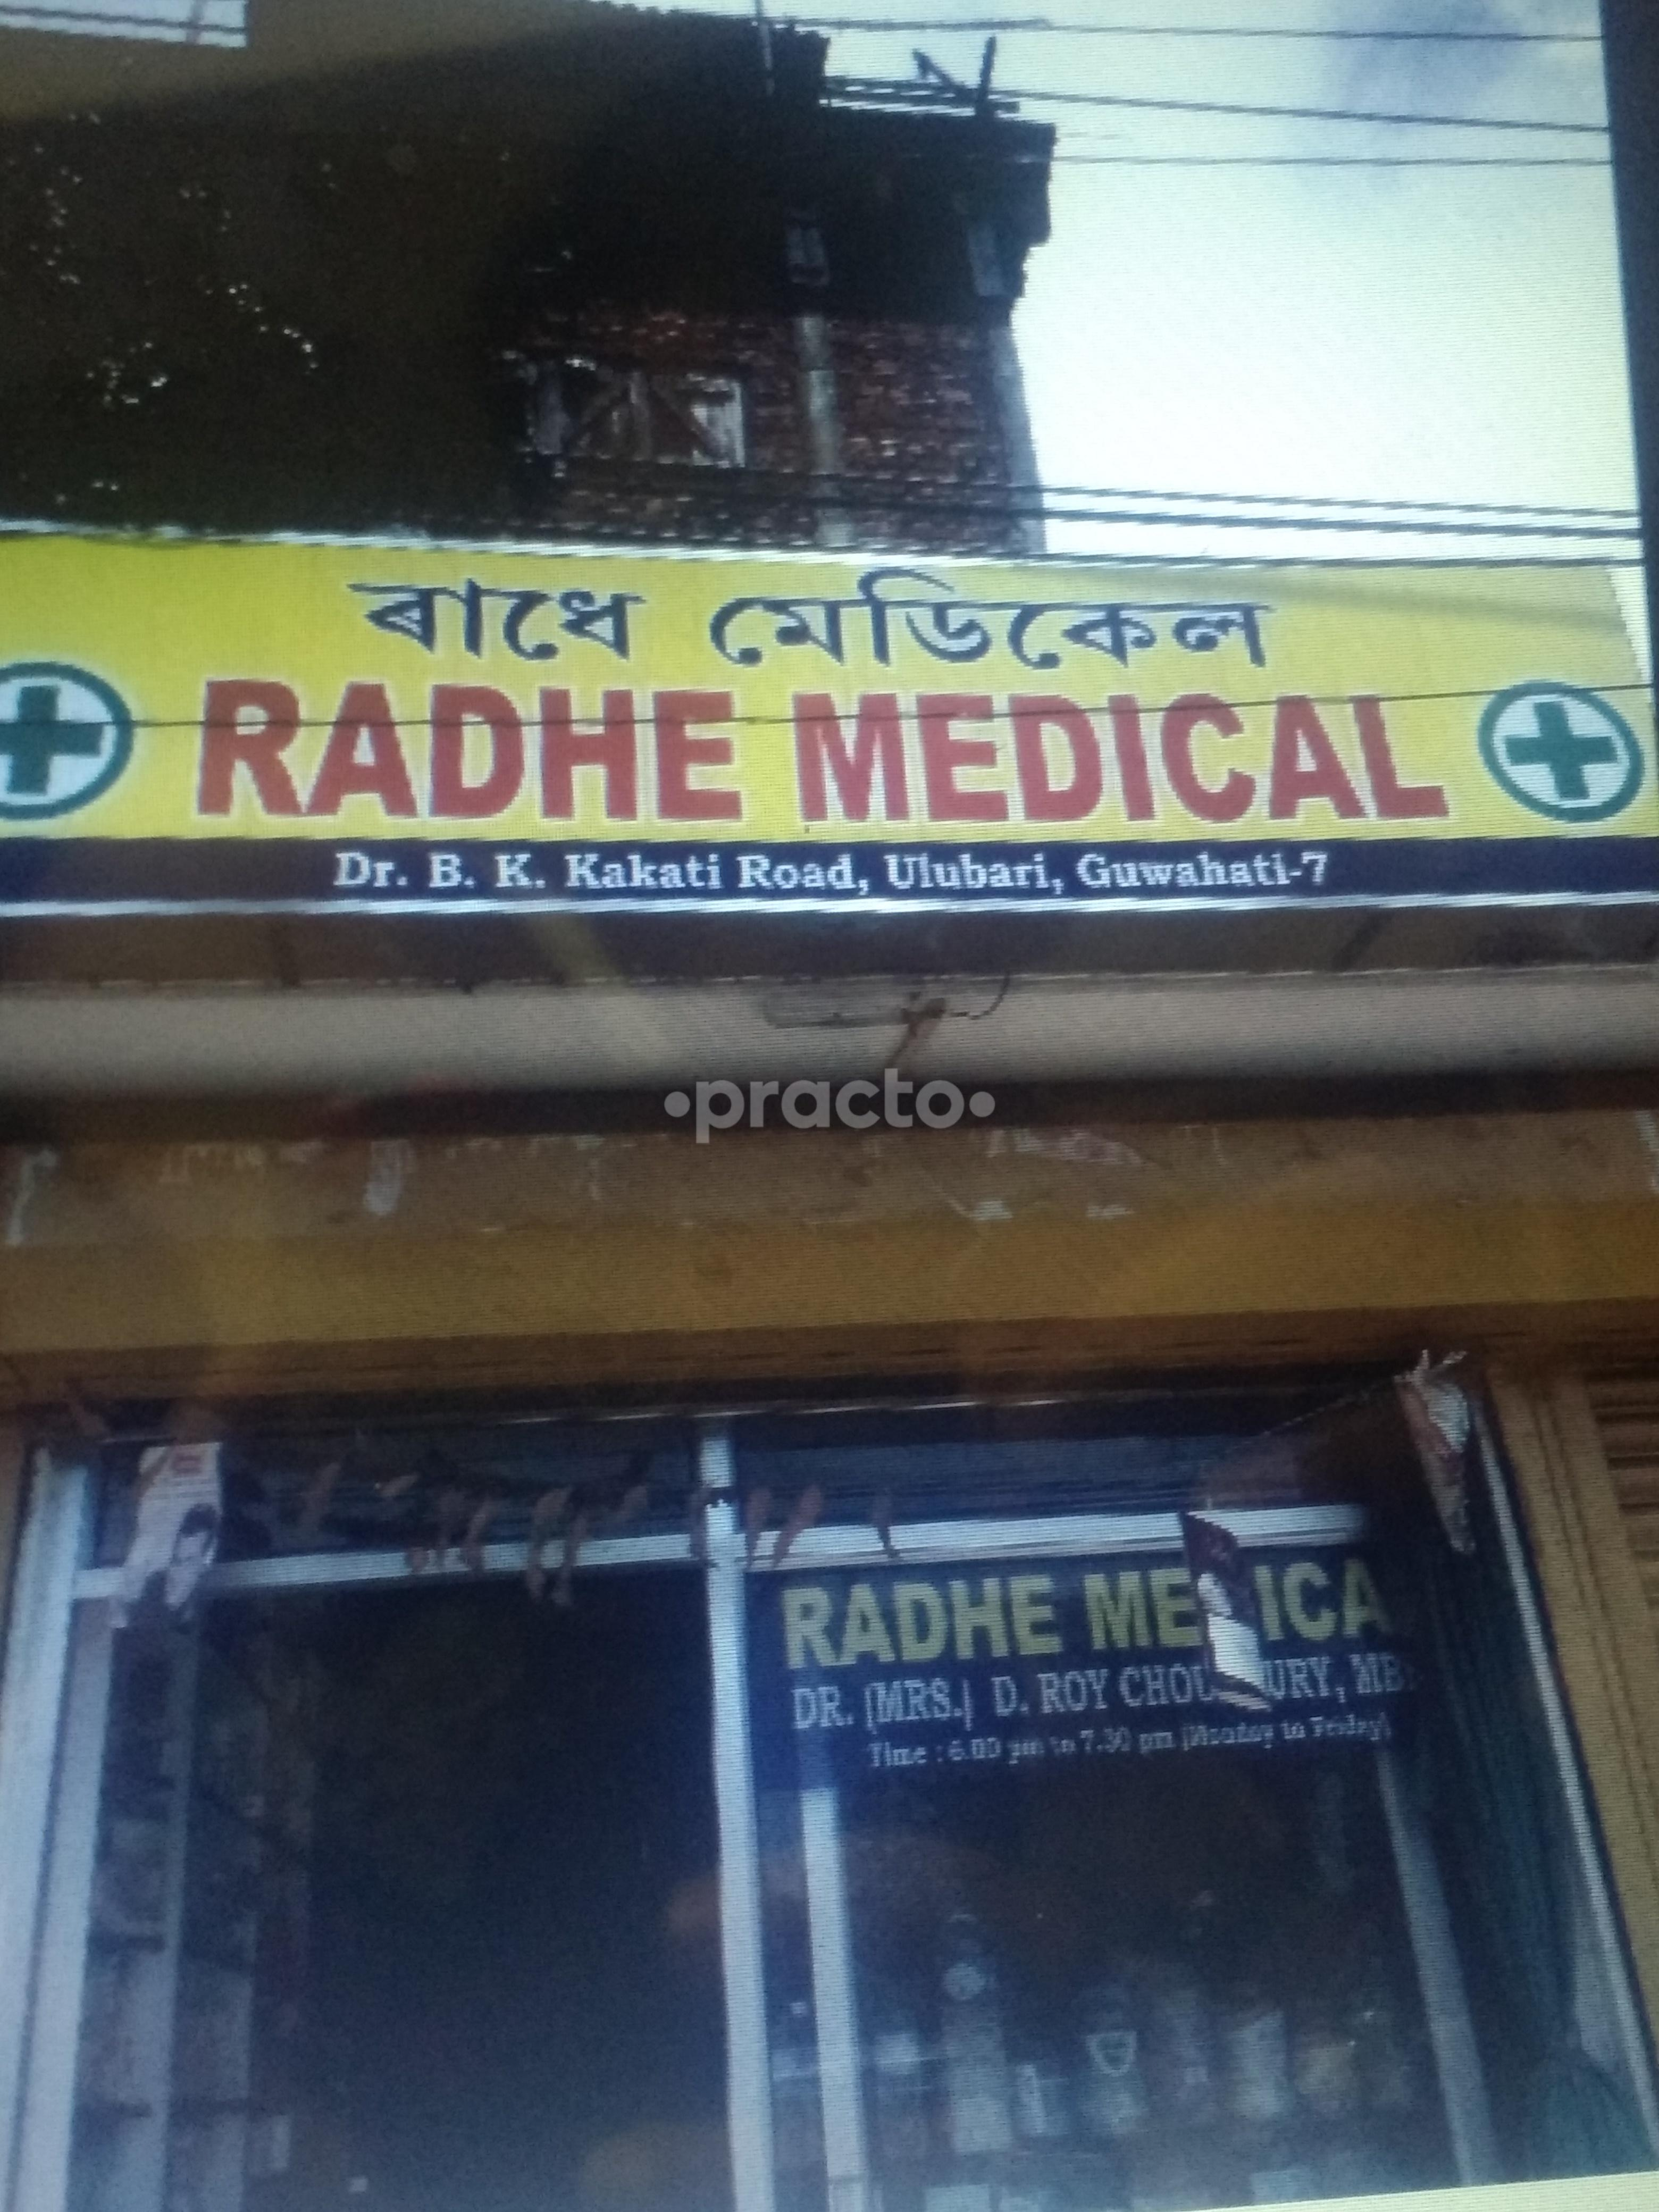 Radhe Medical